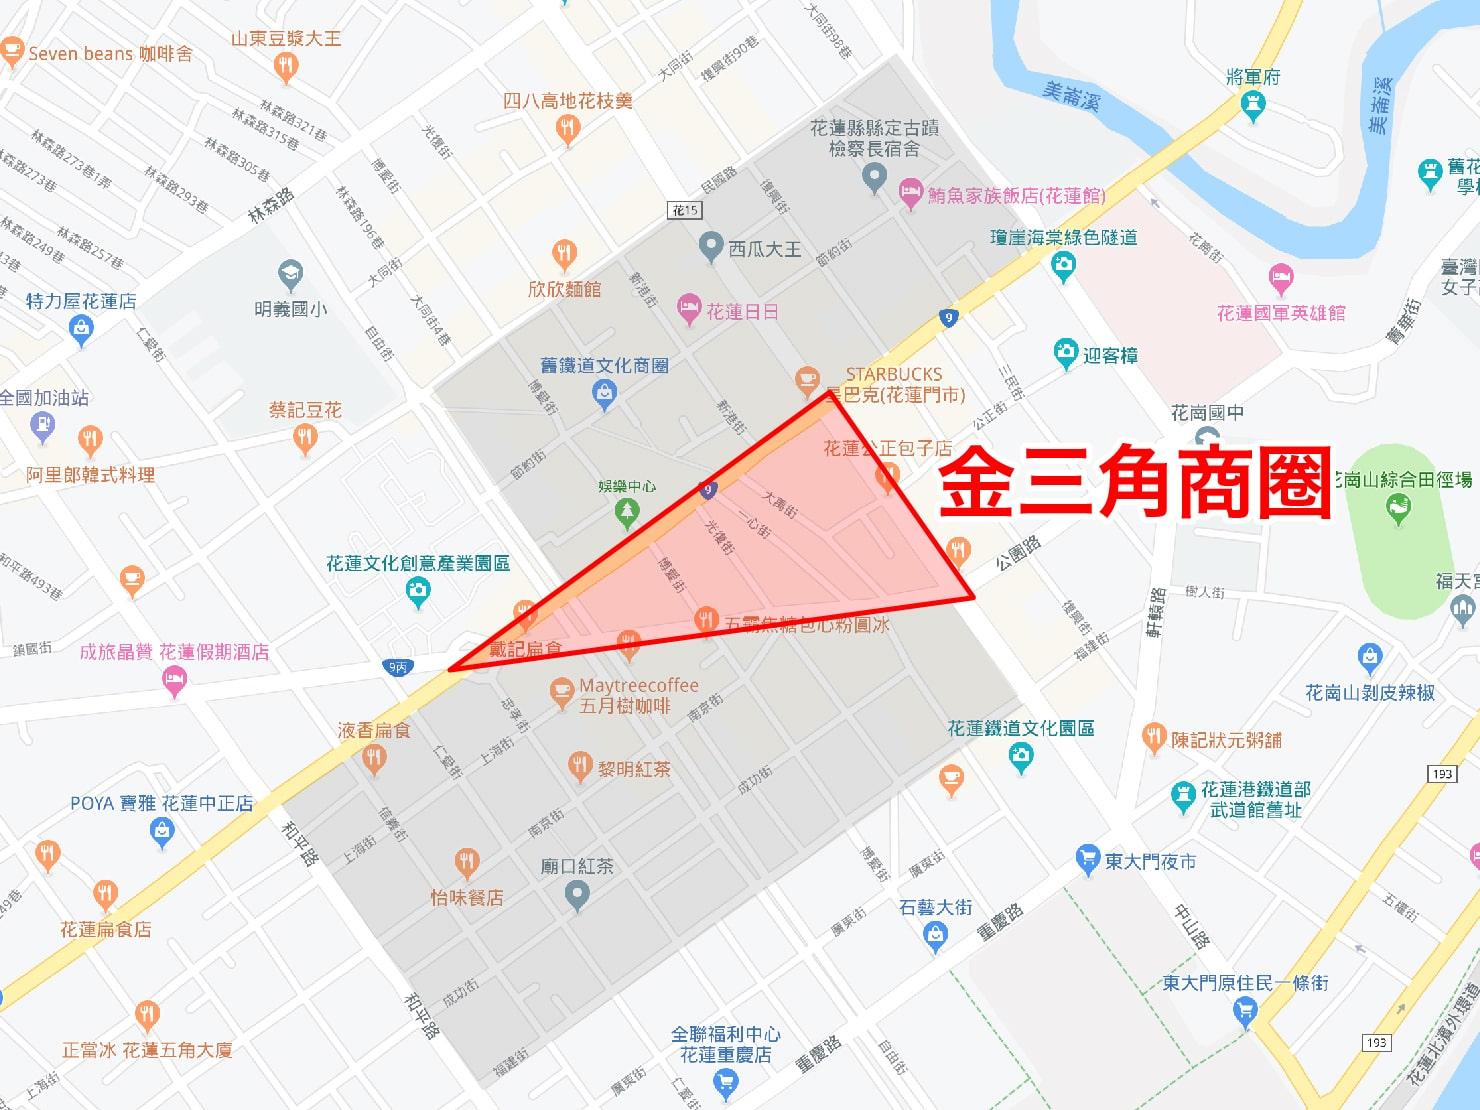 台湾・花蓮のおすすめ観光スポット「金三角商圈」のマップ